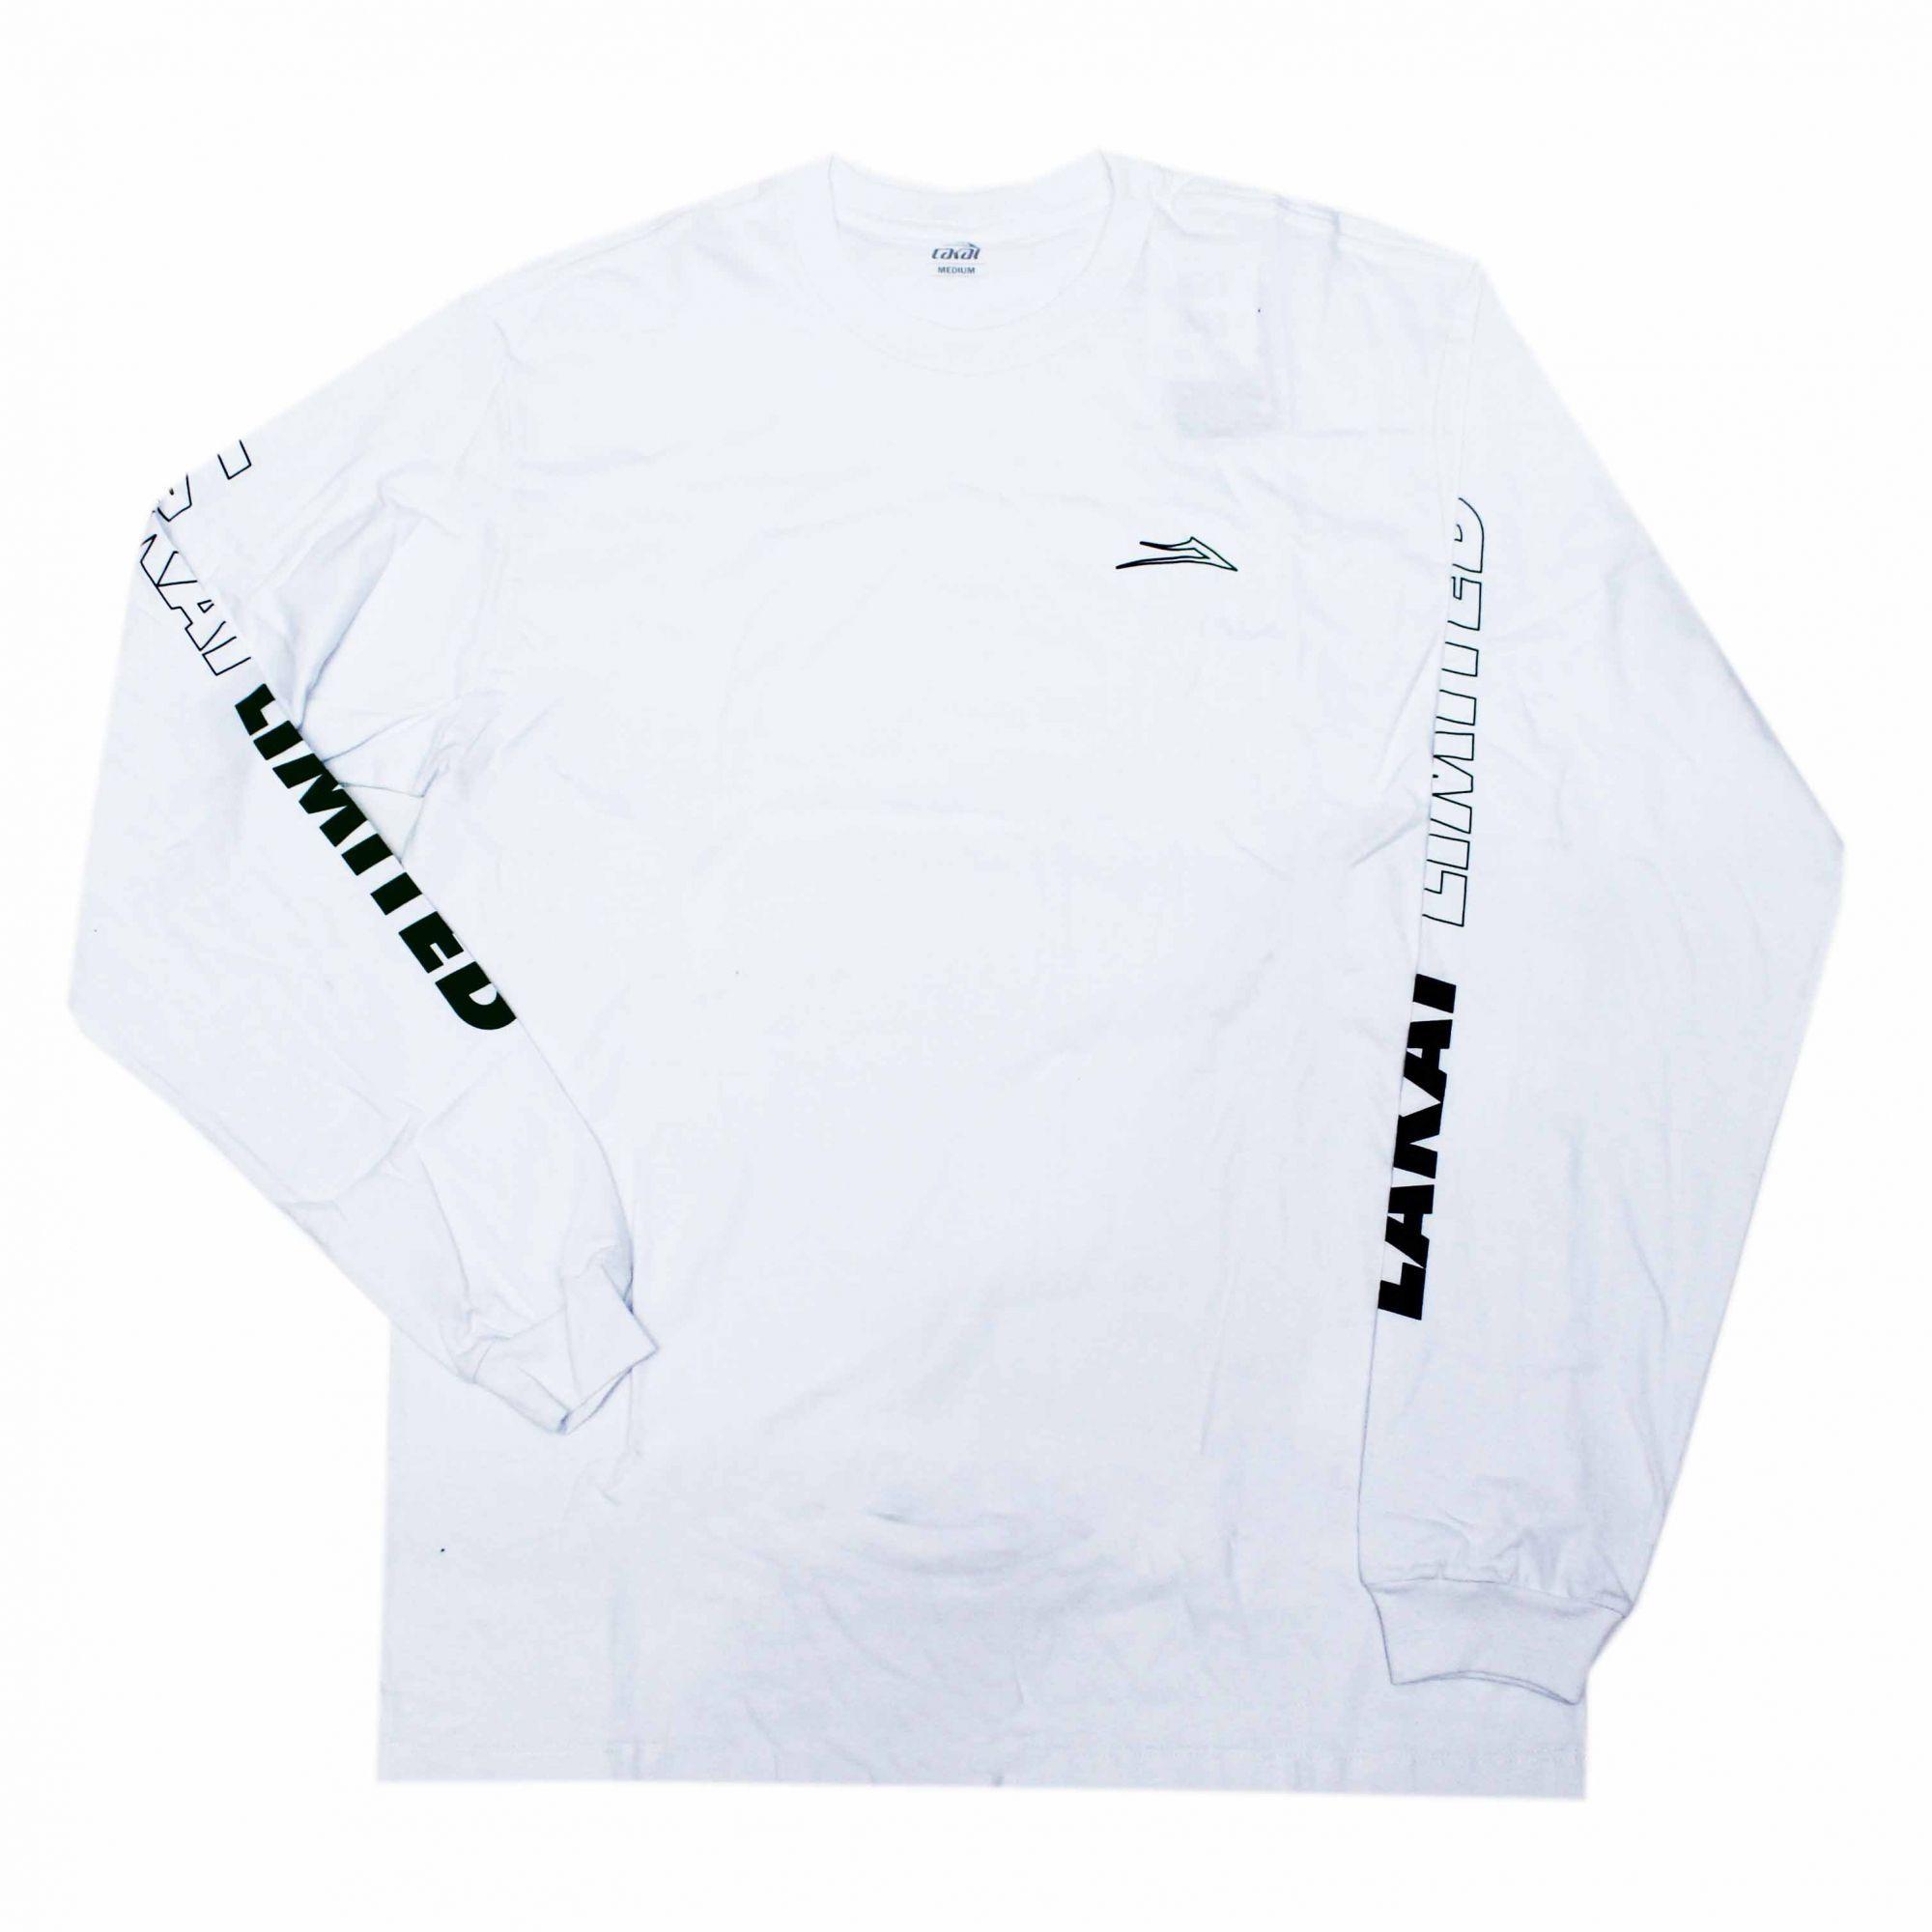 Camiseta Manga Longa Lakai Racing Branco